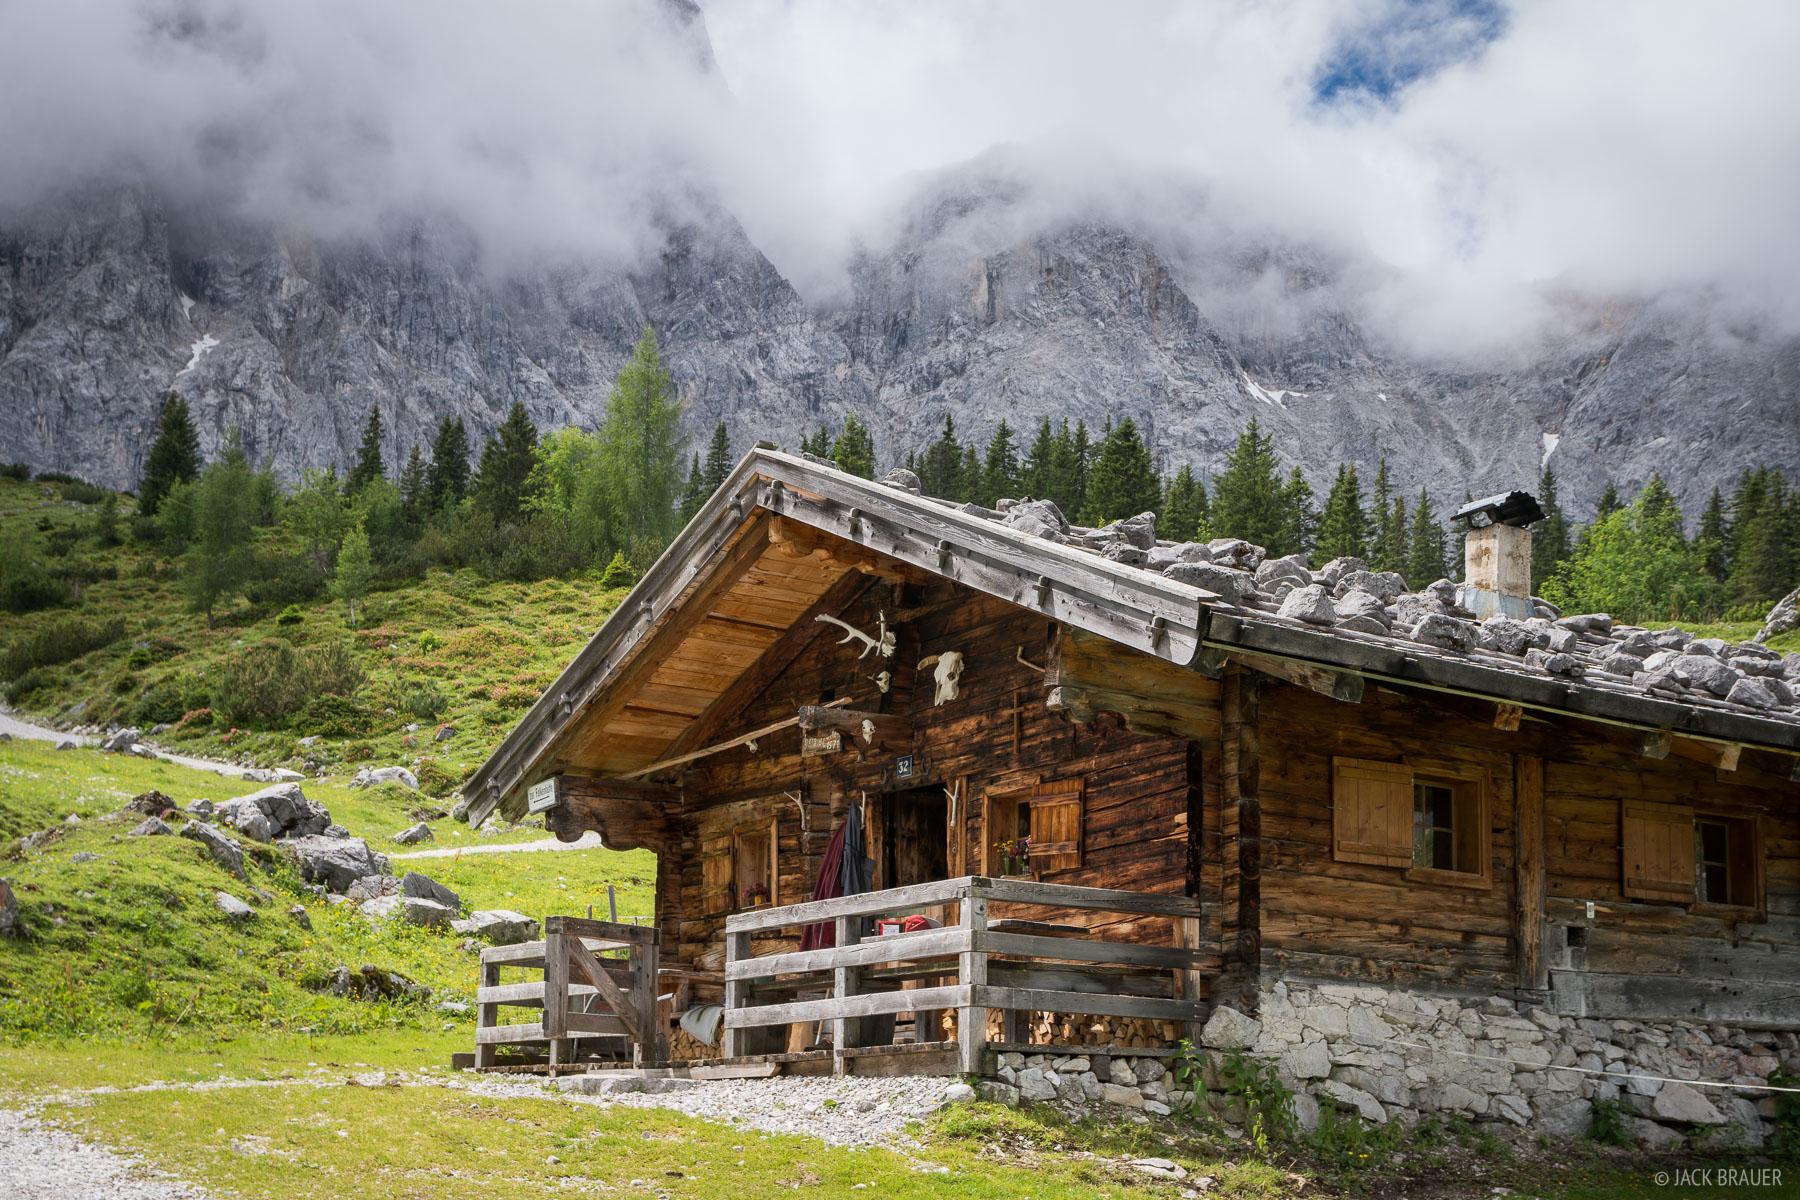 Austria, Karwendel, Ladizalm, hut, cabin, photo